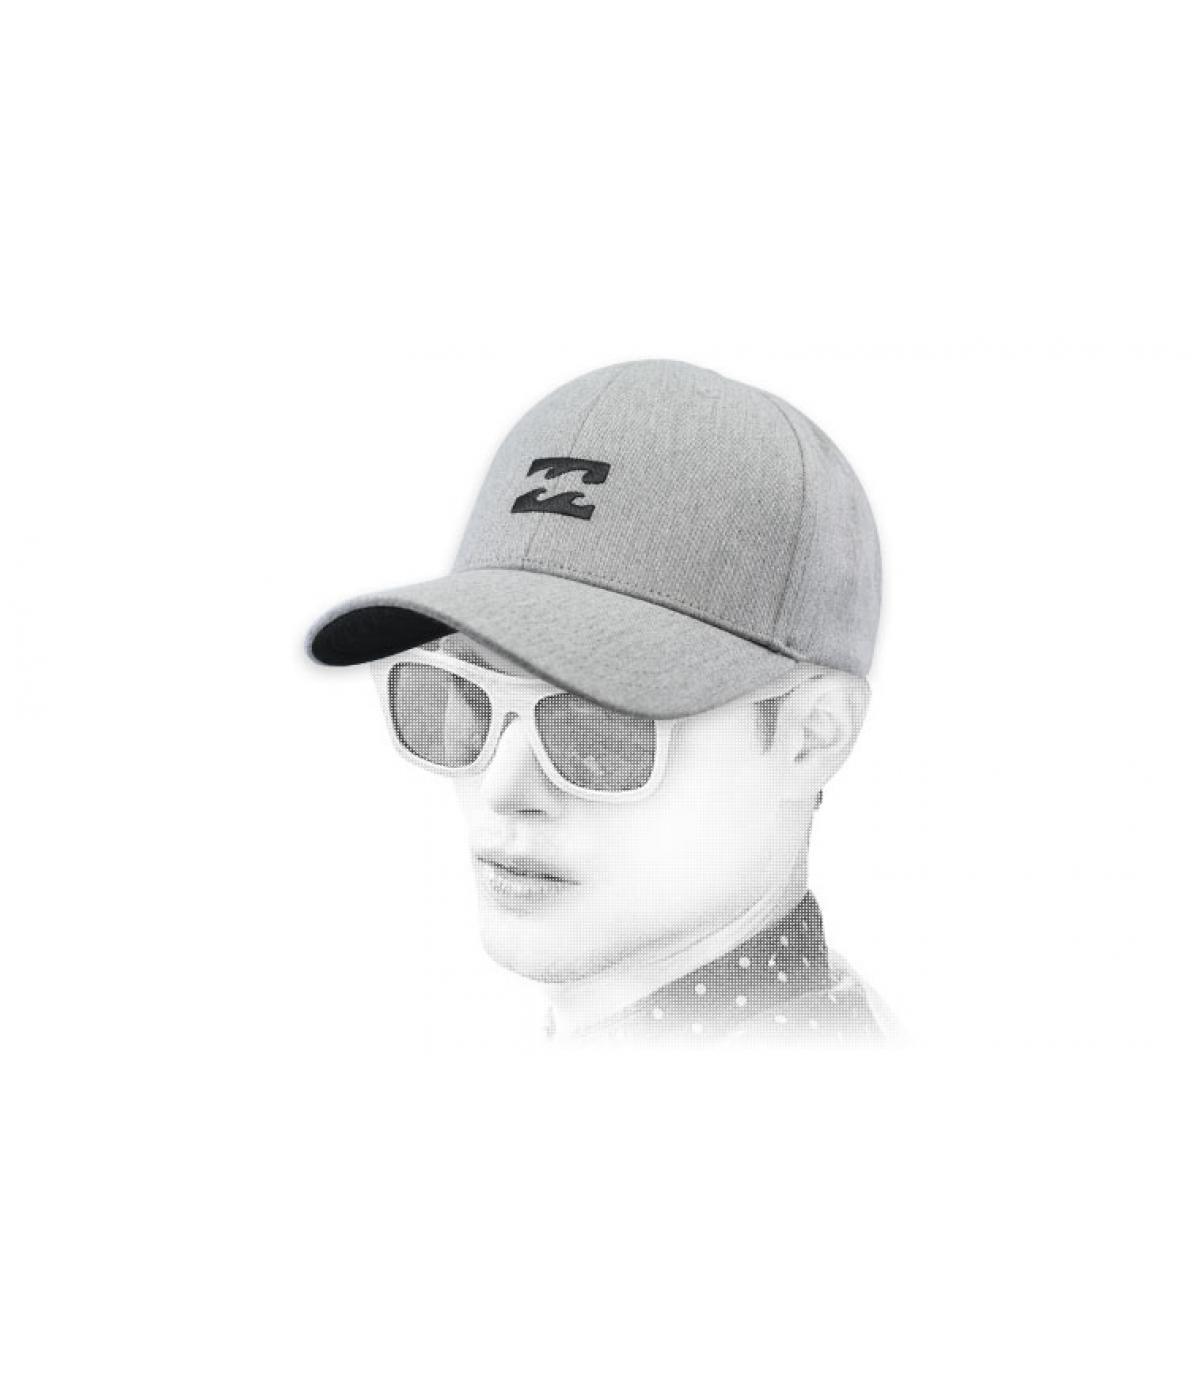 Cappellino grigio - Acquisto   Vendita Cappellini grigi - Shop ... ee8c6943f6c8